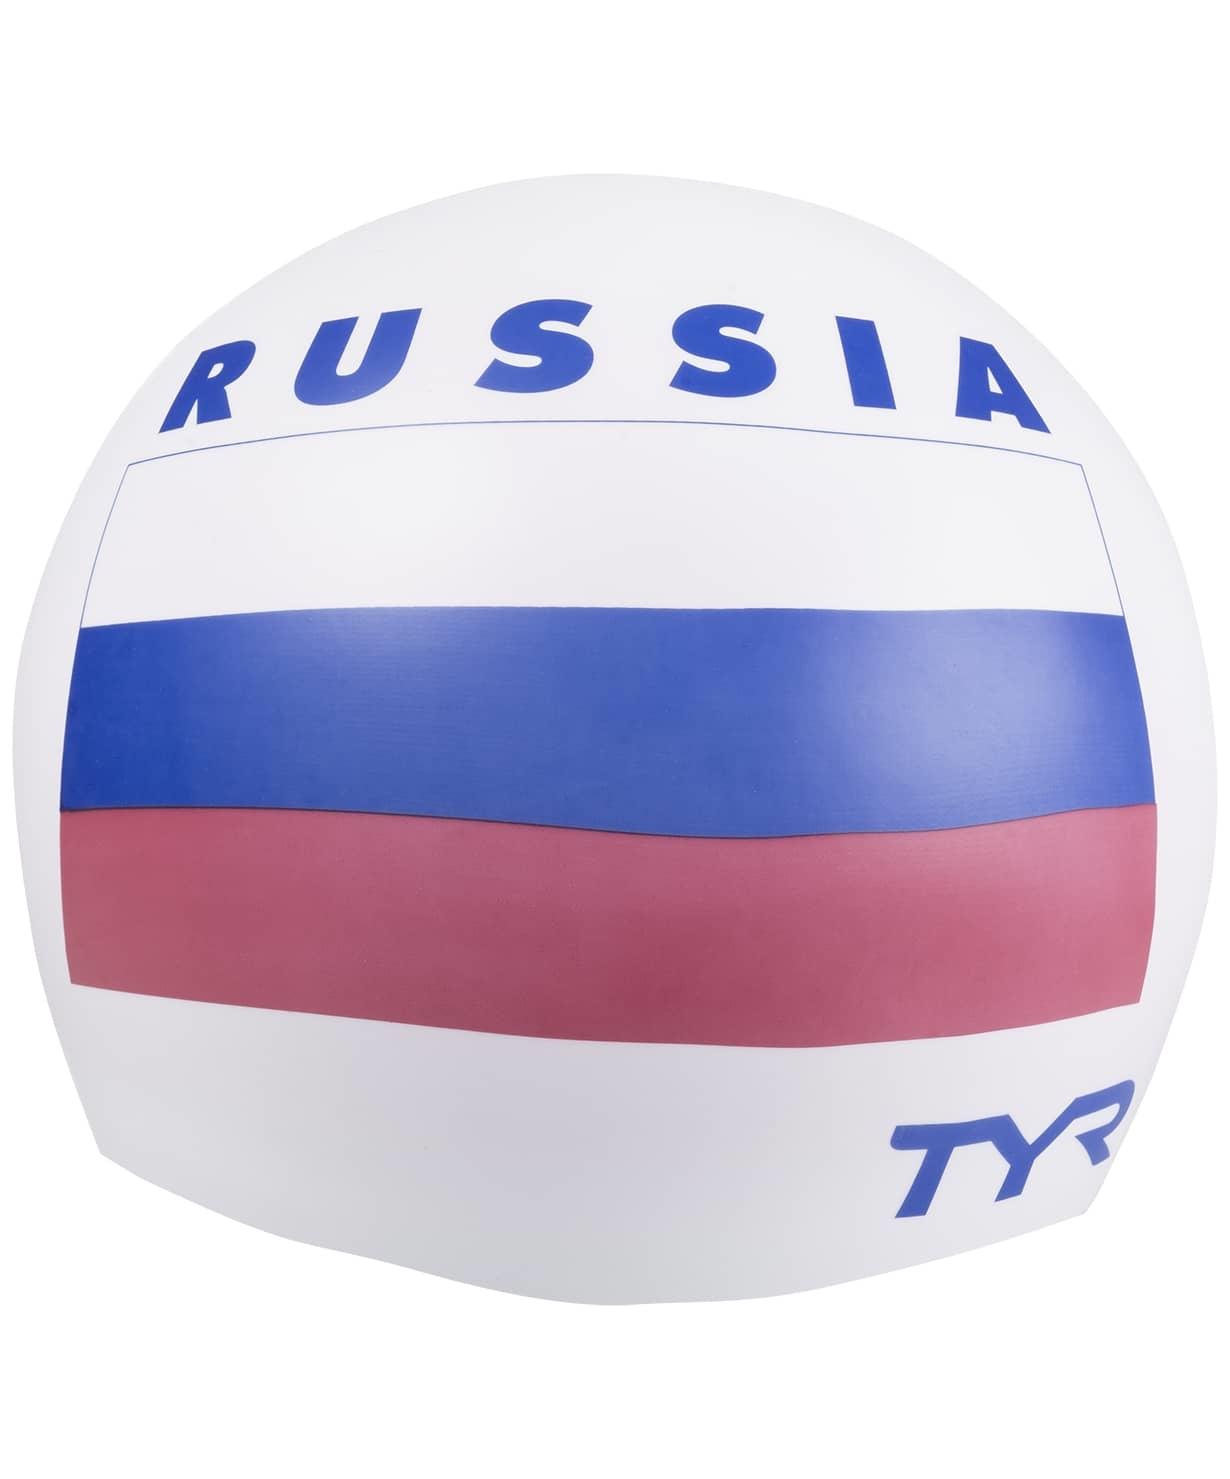 Шапочка для плавания Russia Silicone Swim Cap, силикон, LCSRUS/100, белый